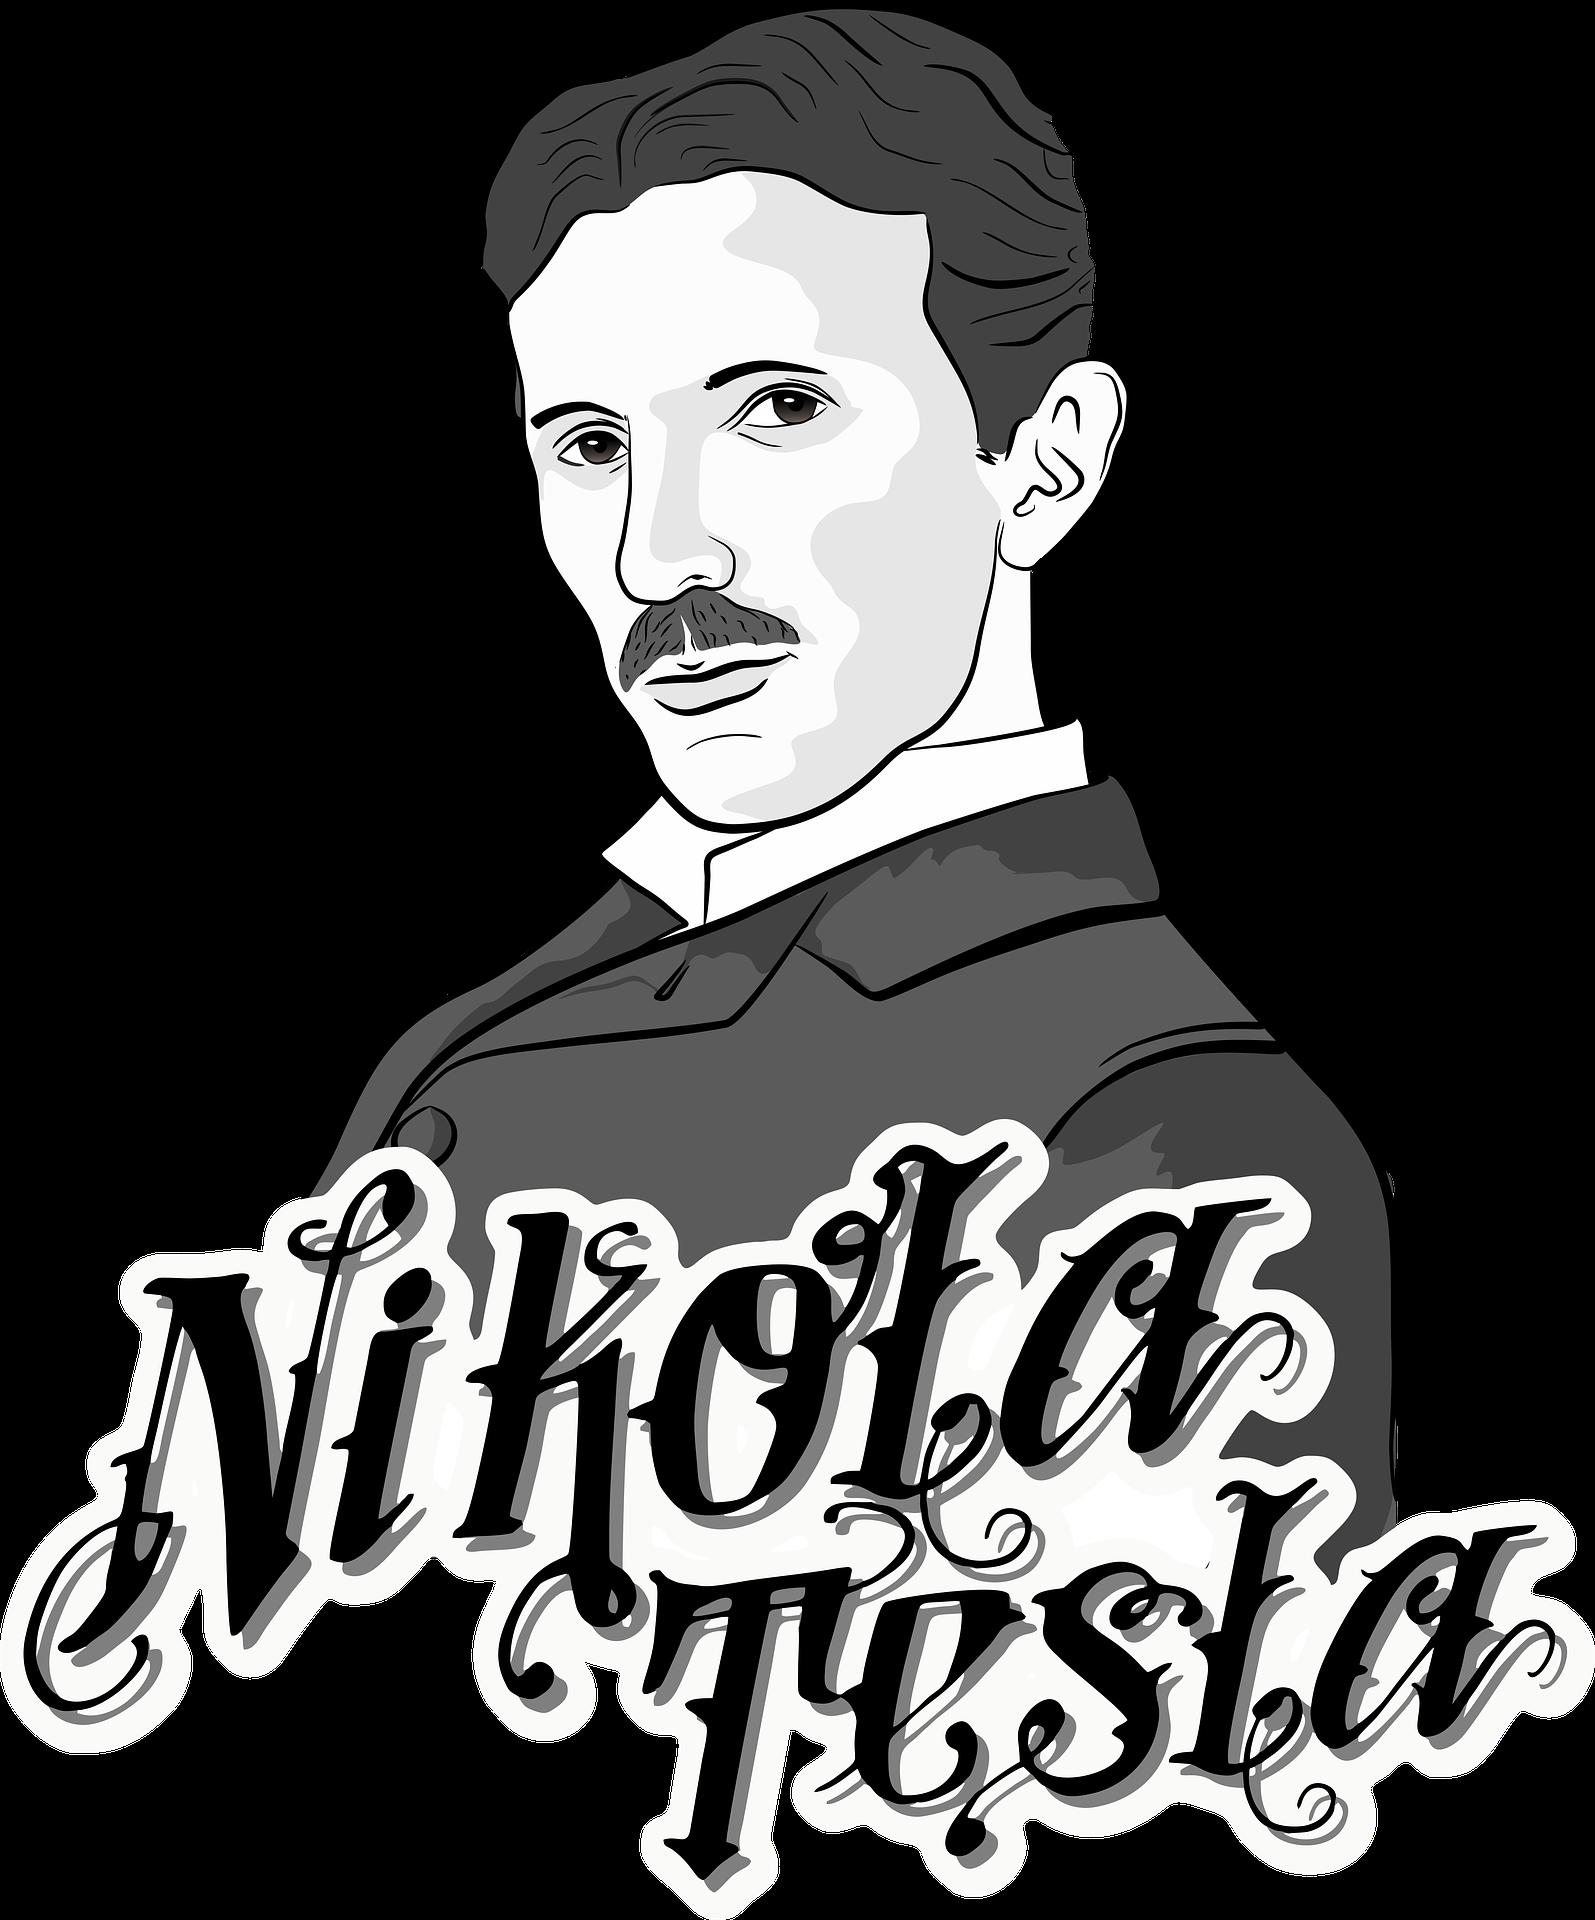 Nicola Tesla 1